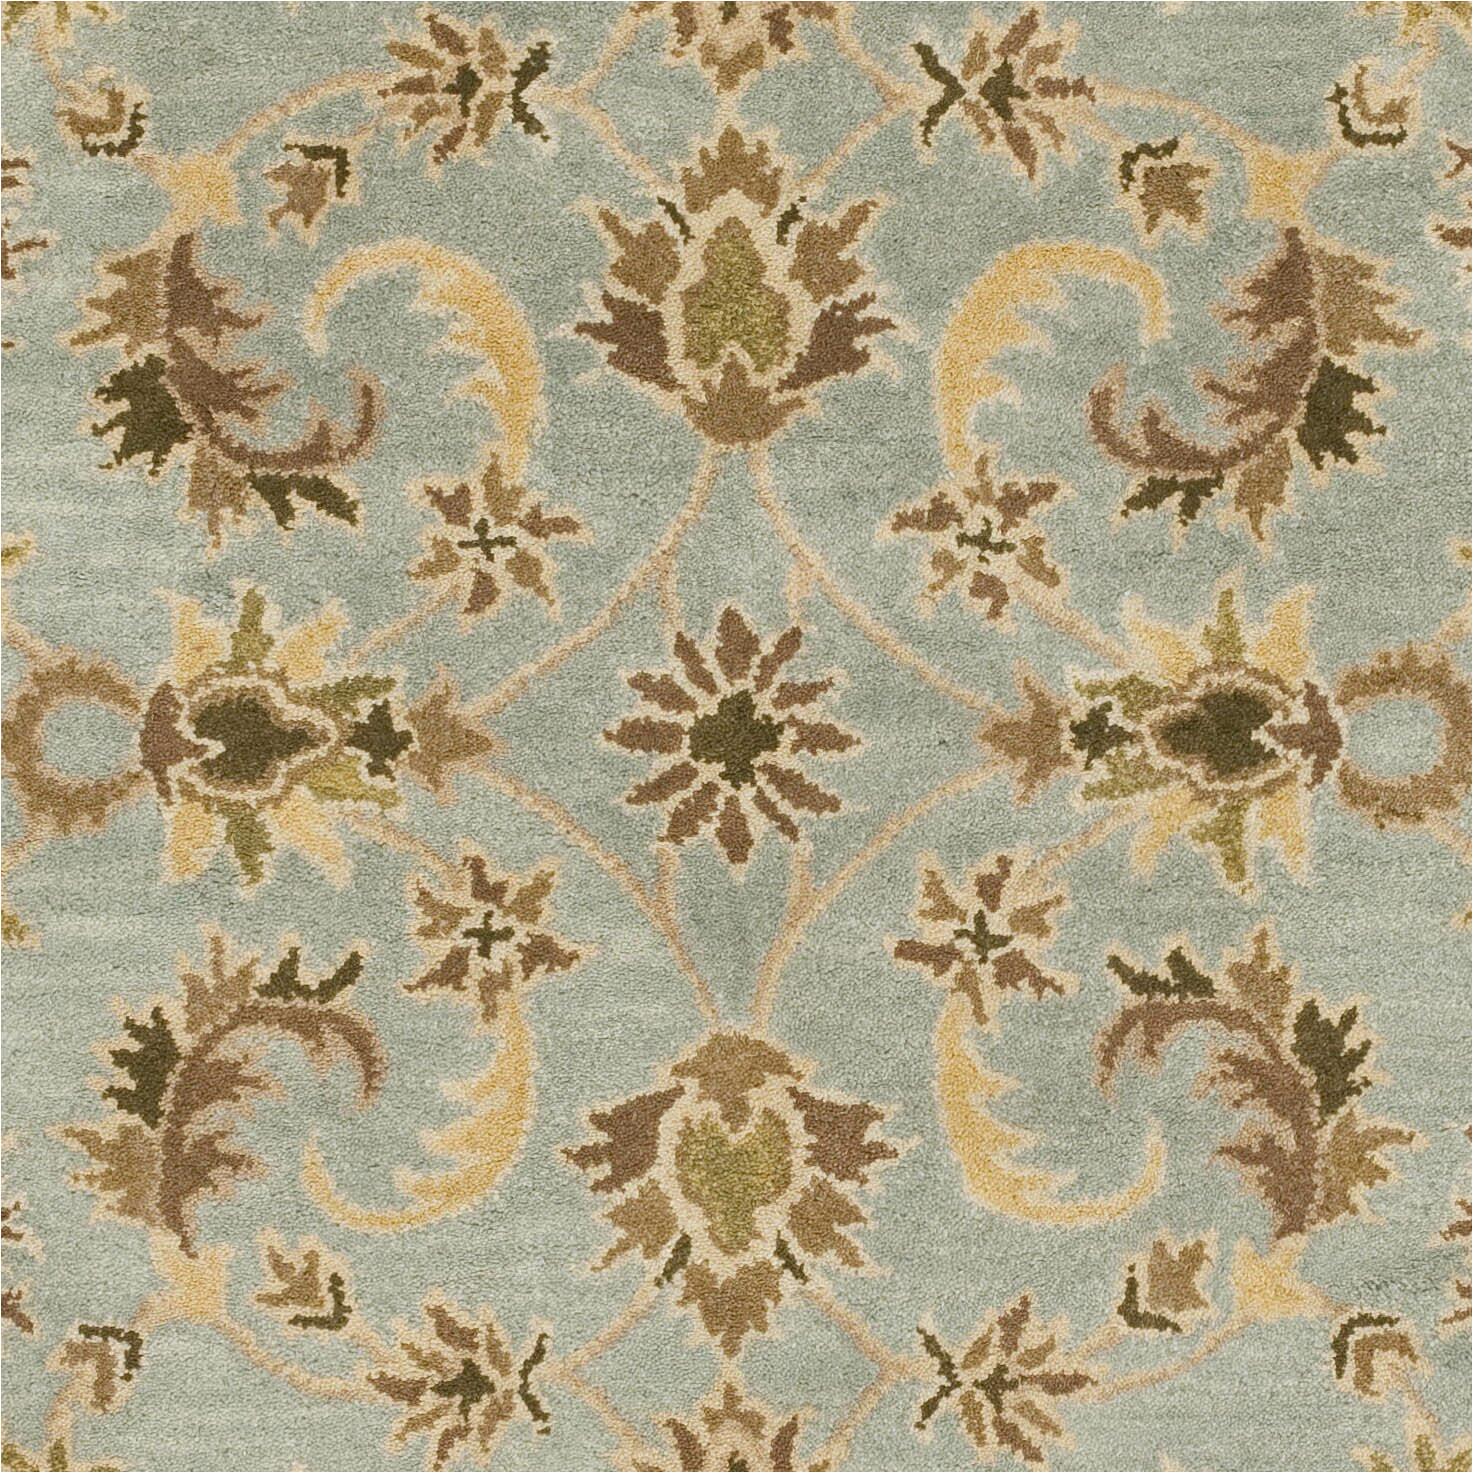 safavieh heritage light blue beige area rug hg913a fv17177